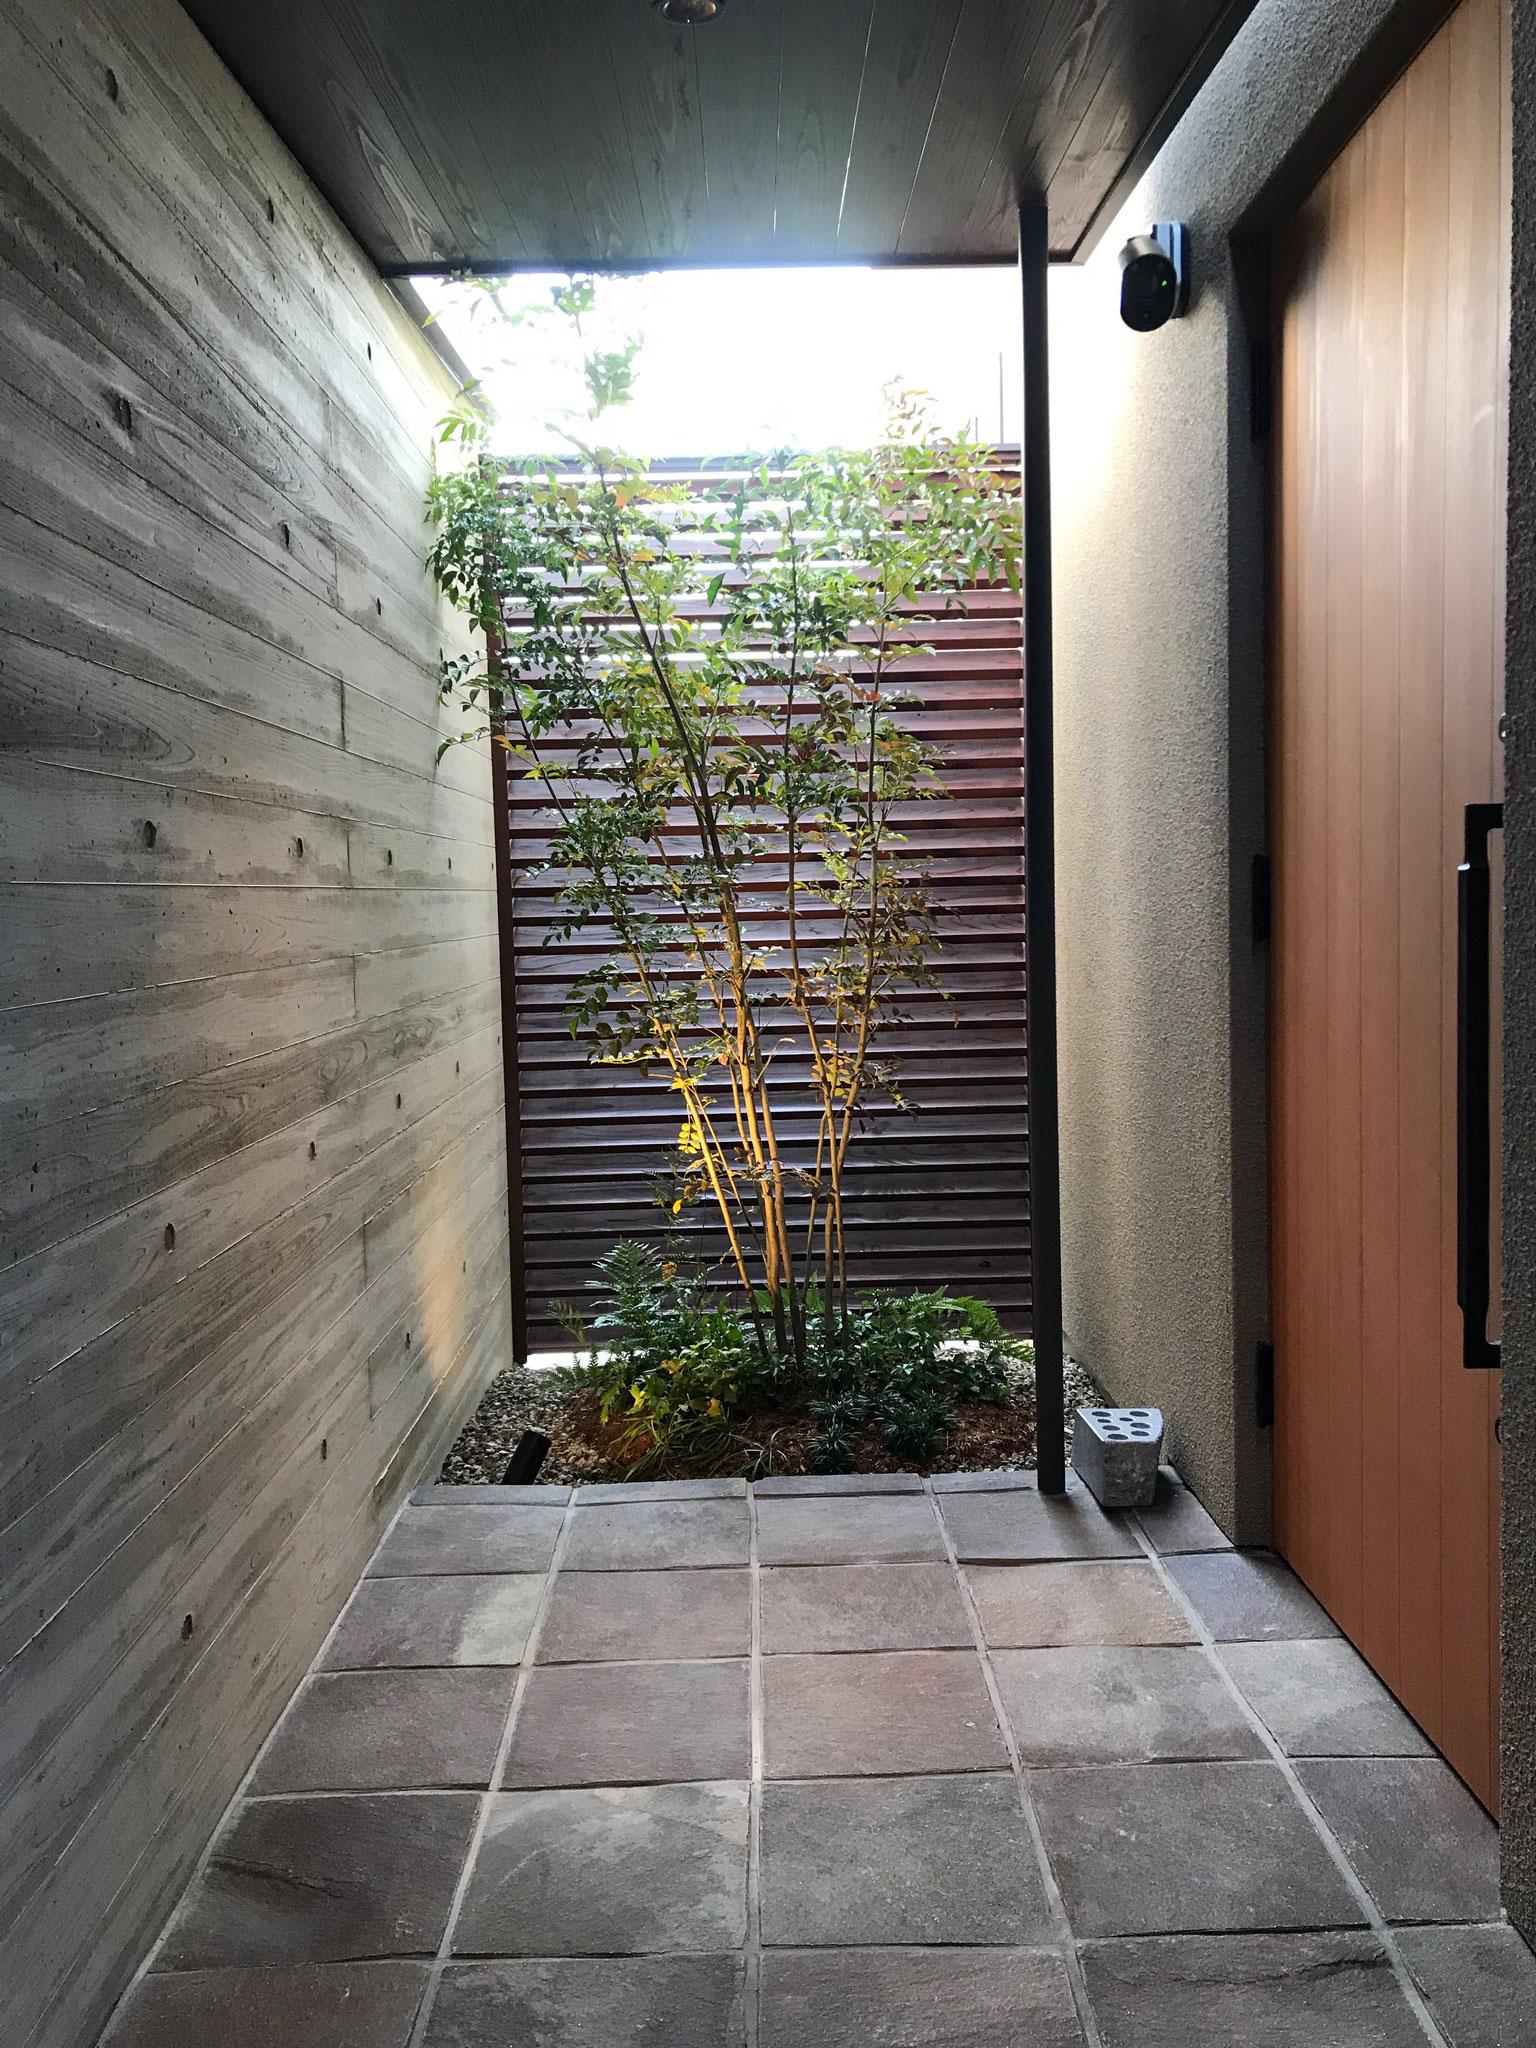 玄関・ポーチ・アプローチ工事 300角方型ジャワ鉄平石 インドネシア産(名古屋市)